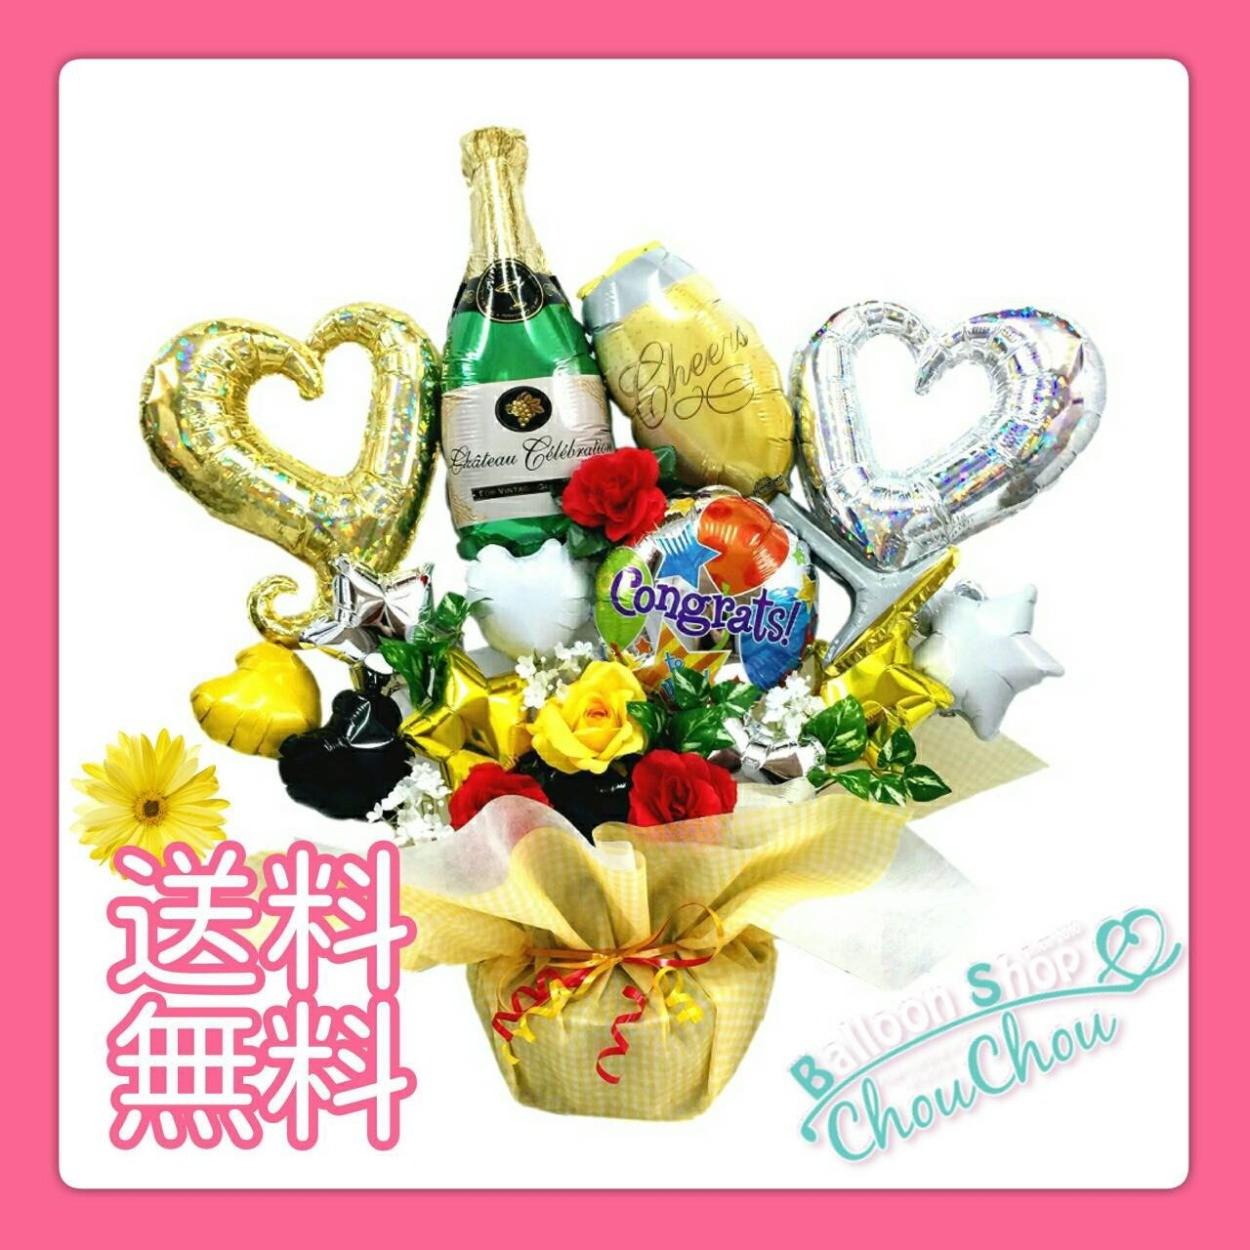 結婚式お祝いや開店祝いなど用途と問わず、様々なお祝いに喜んで頂ける豪華なアレンジメントのバルーン電報です。